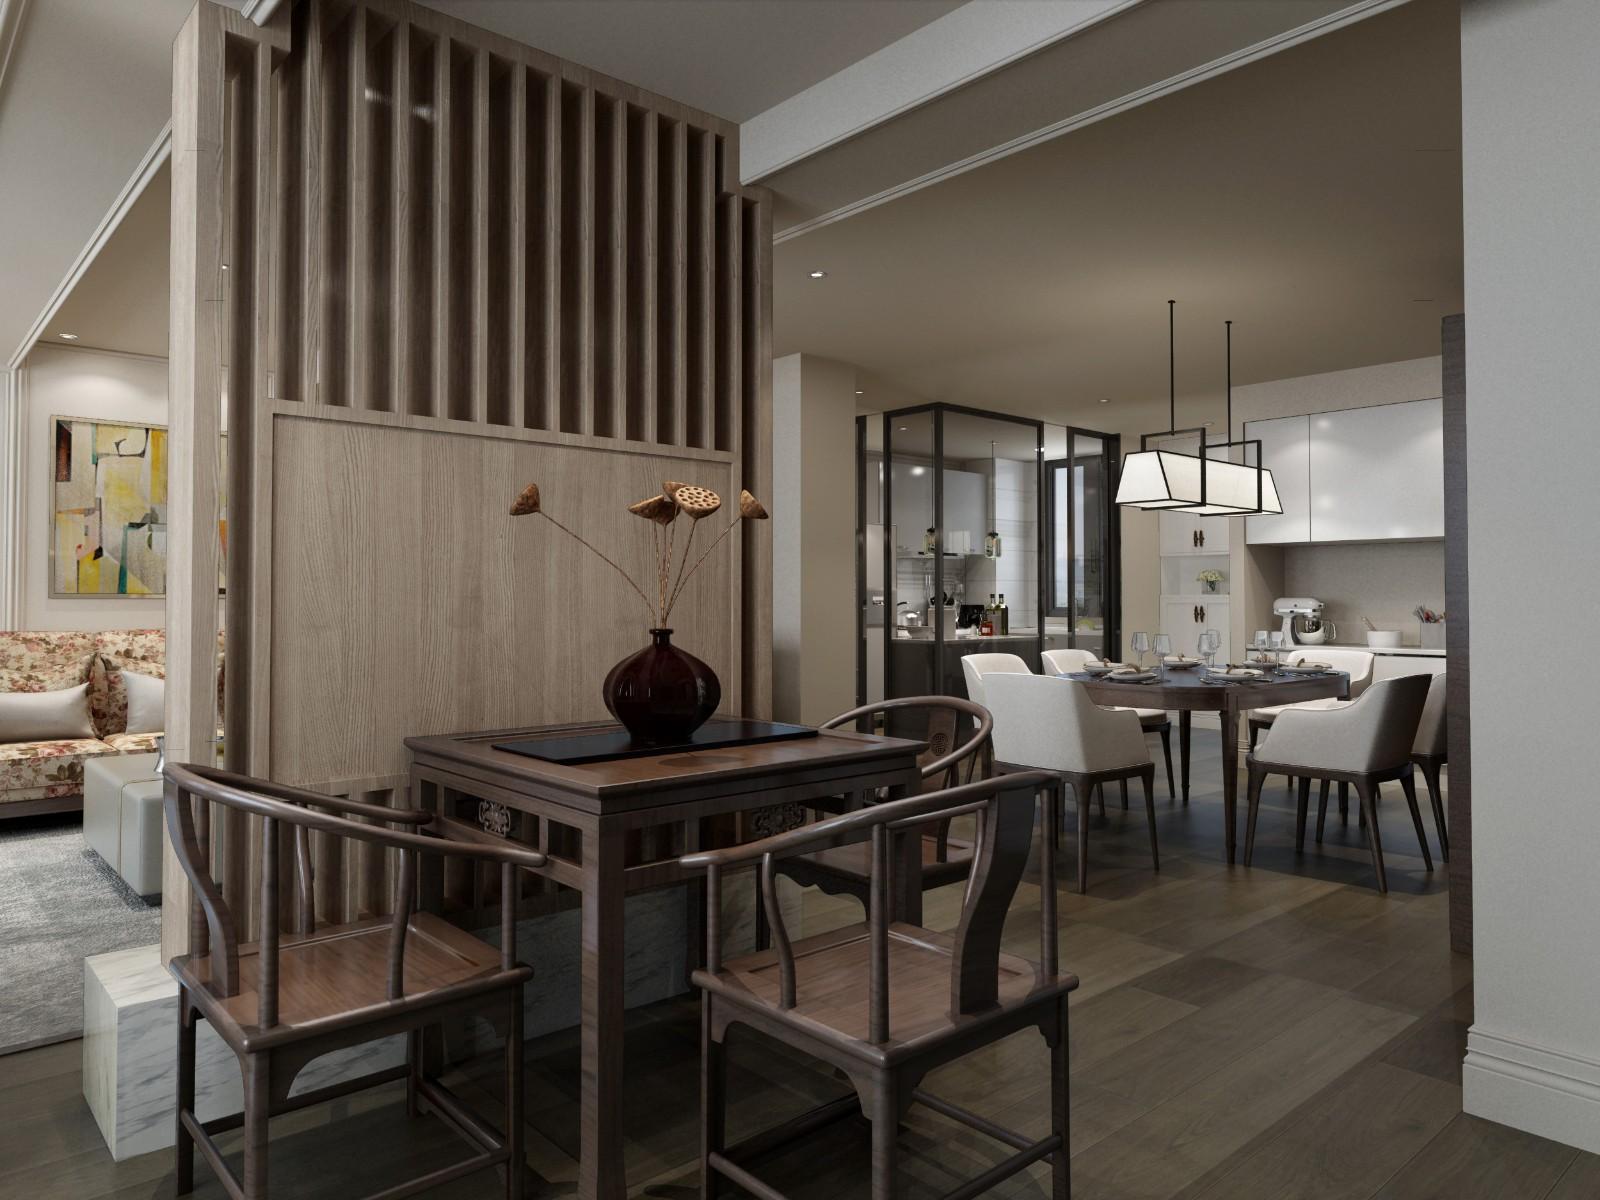 2020新中式90平米装饰设计 2020新中式三居室装修设计图片